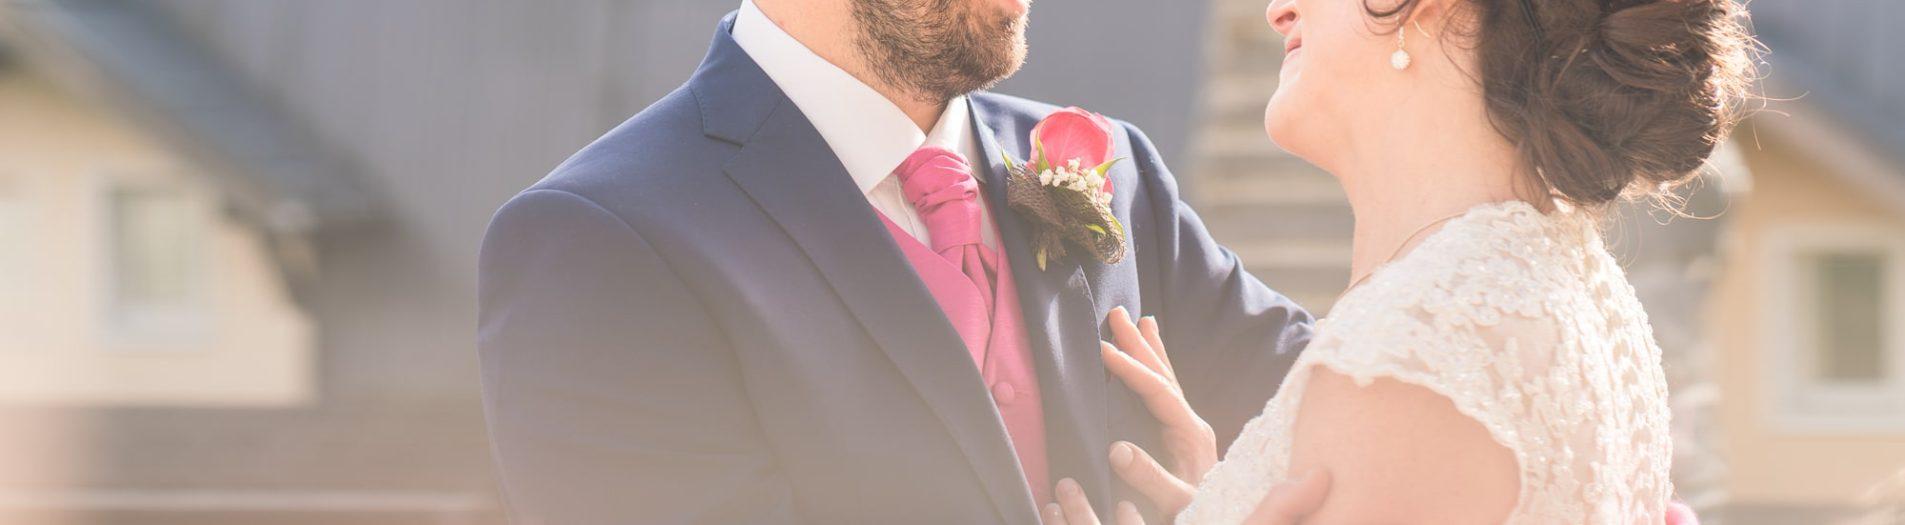 Choisir son photographe de mariage pour avoir les photos qui vous plaisent